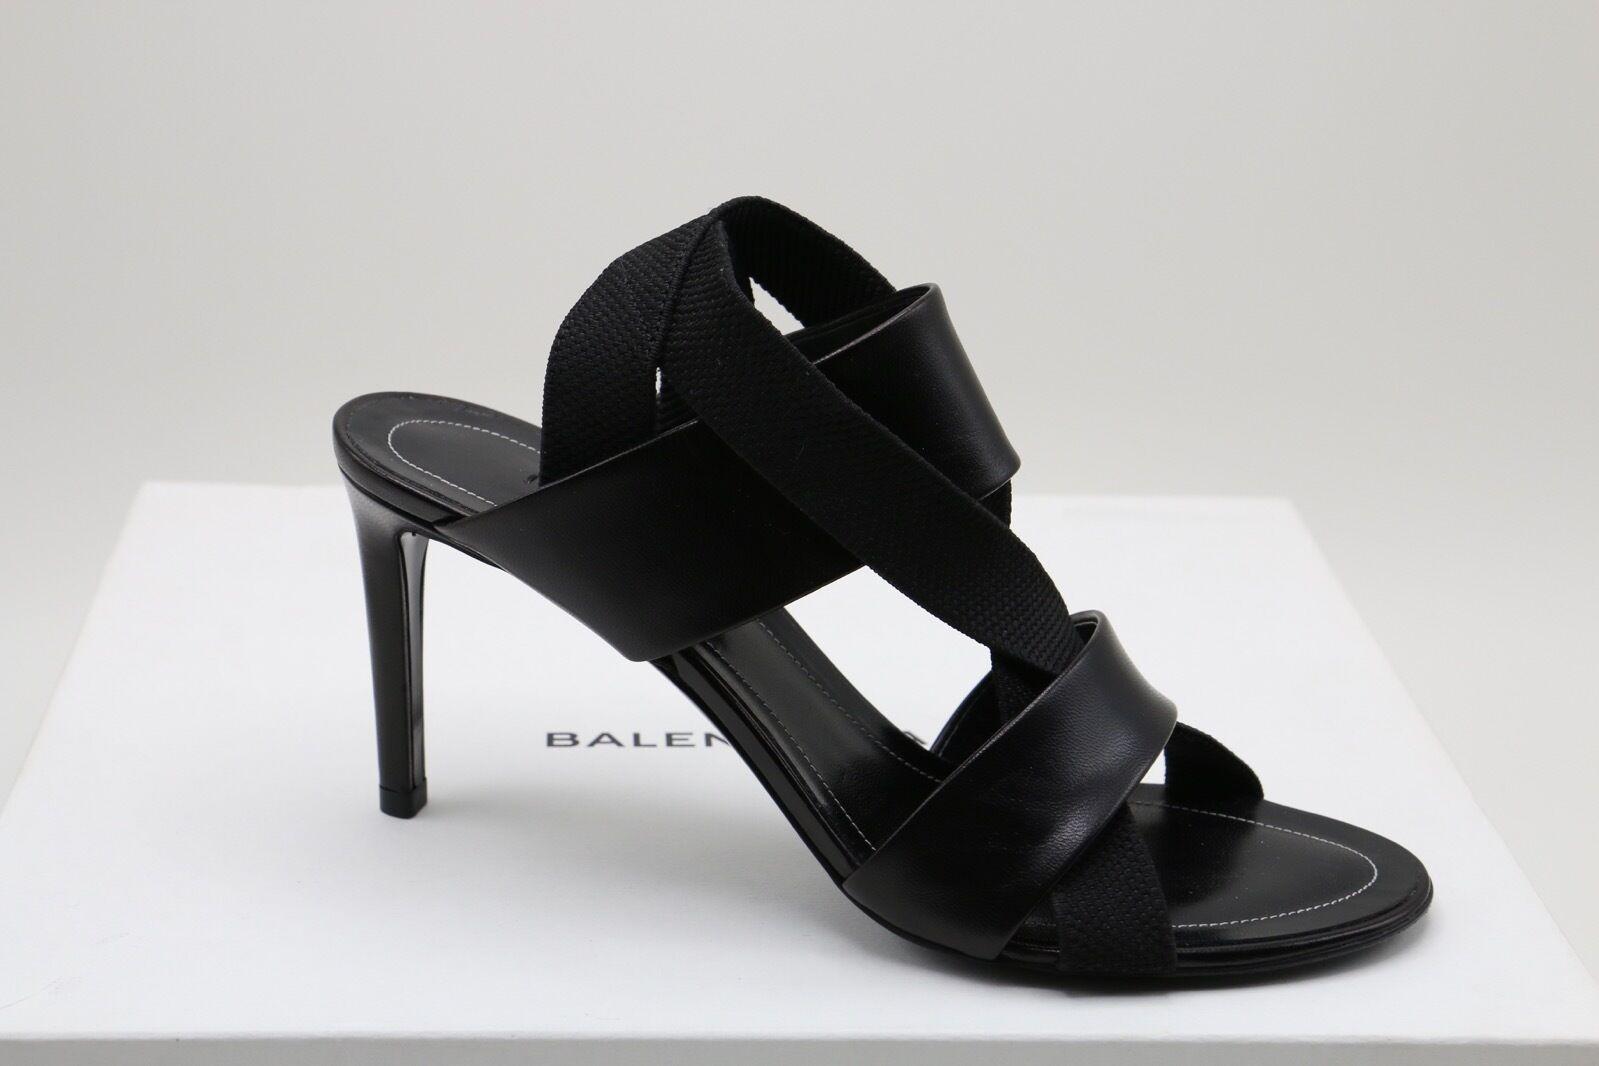 Balenciaga Correas Correas Correas De Cuero Negro Elástico Sandalias Zapatos impresionante en  36.5  directo de fábrica